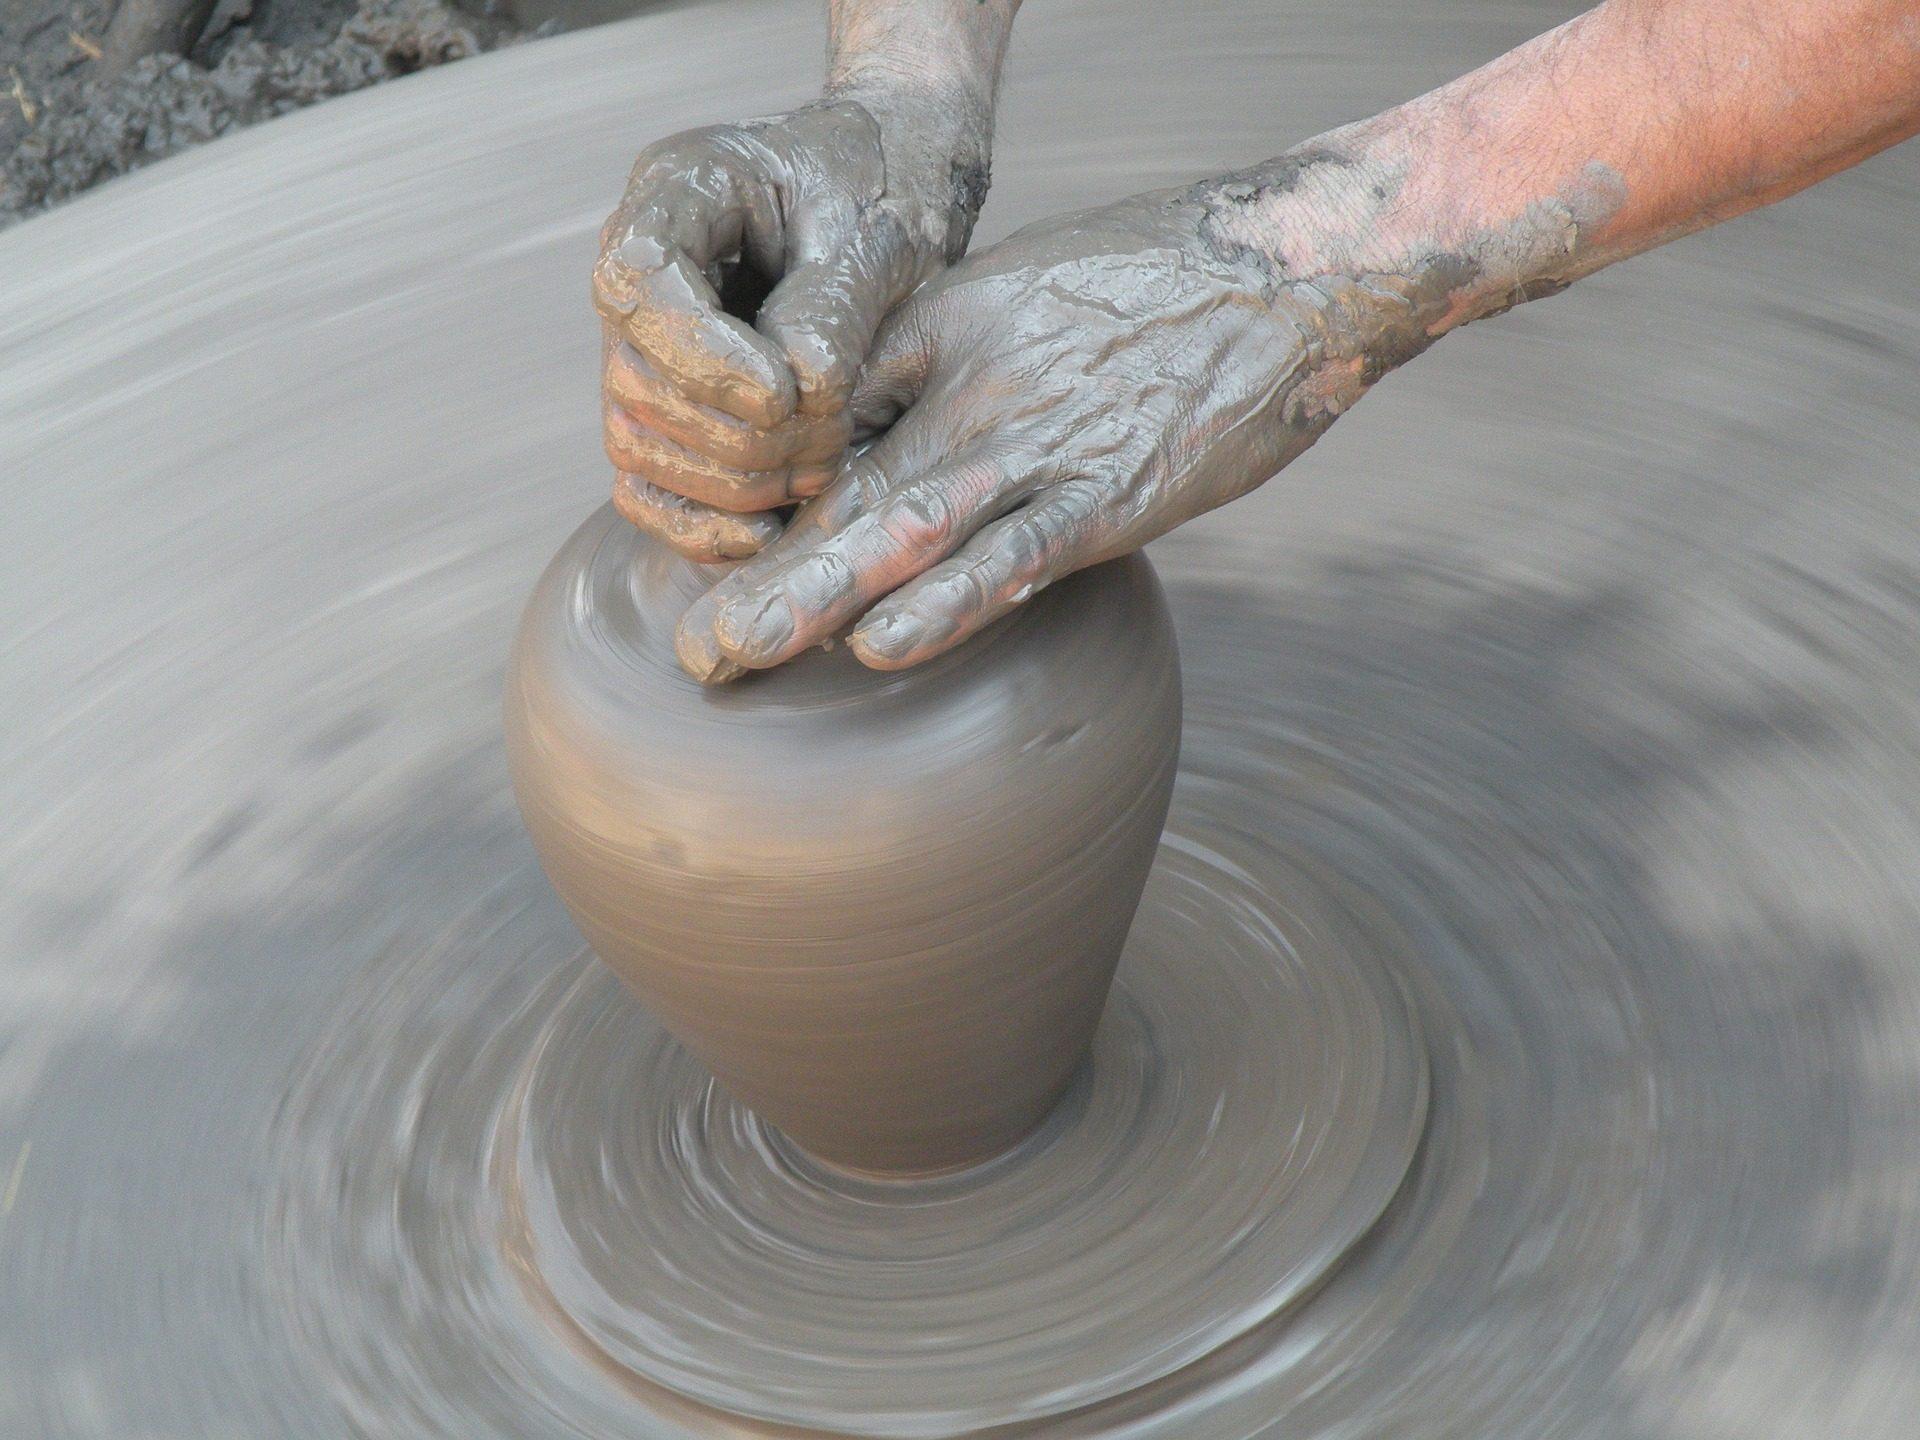 boue, argile, tour, Potter, mains - Fonds d'écran HD - Professor-falken.com